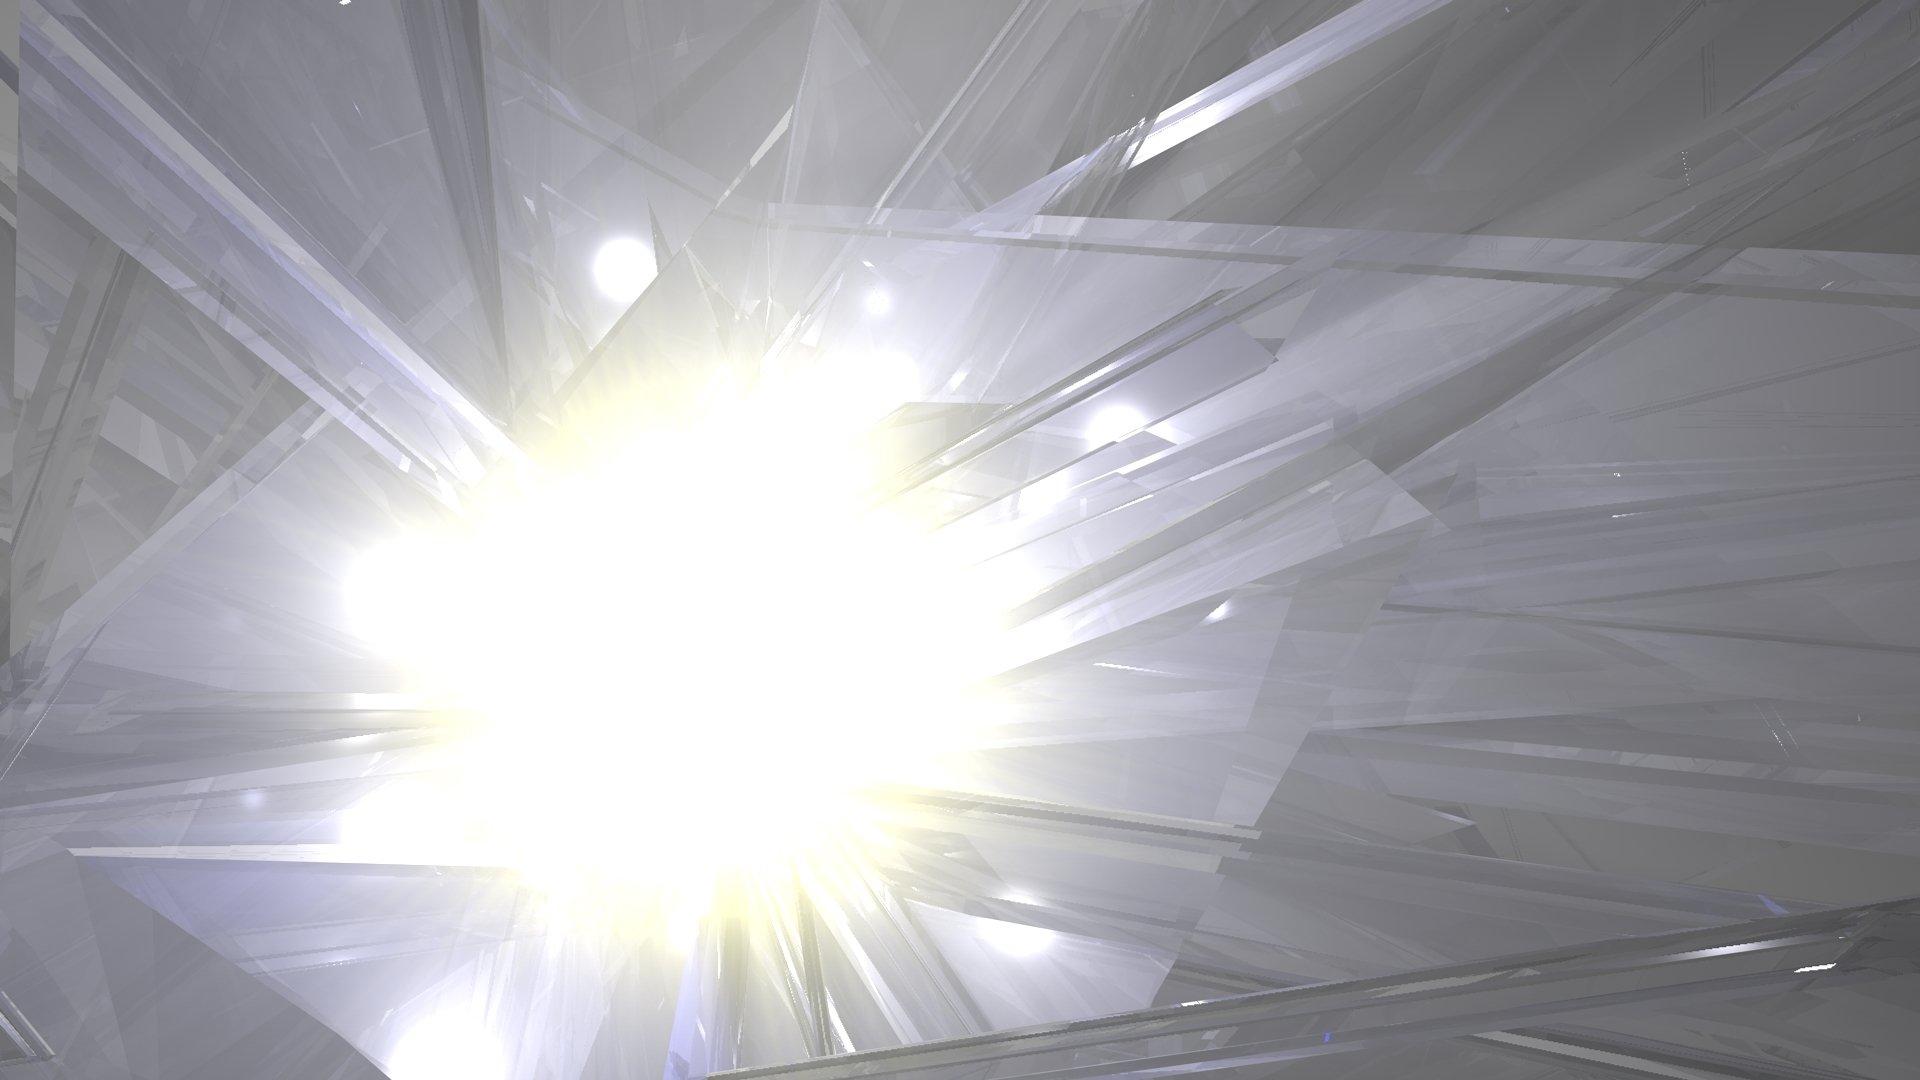 Abstrakt - Künstlerisch  Licht Crystal Wallpaper